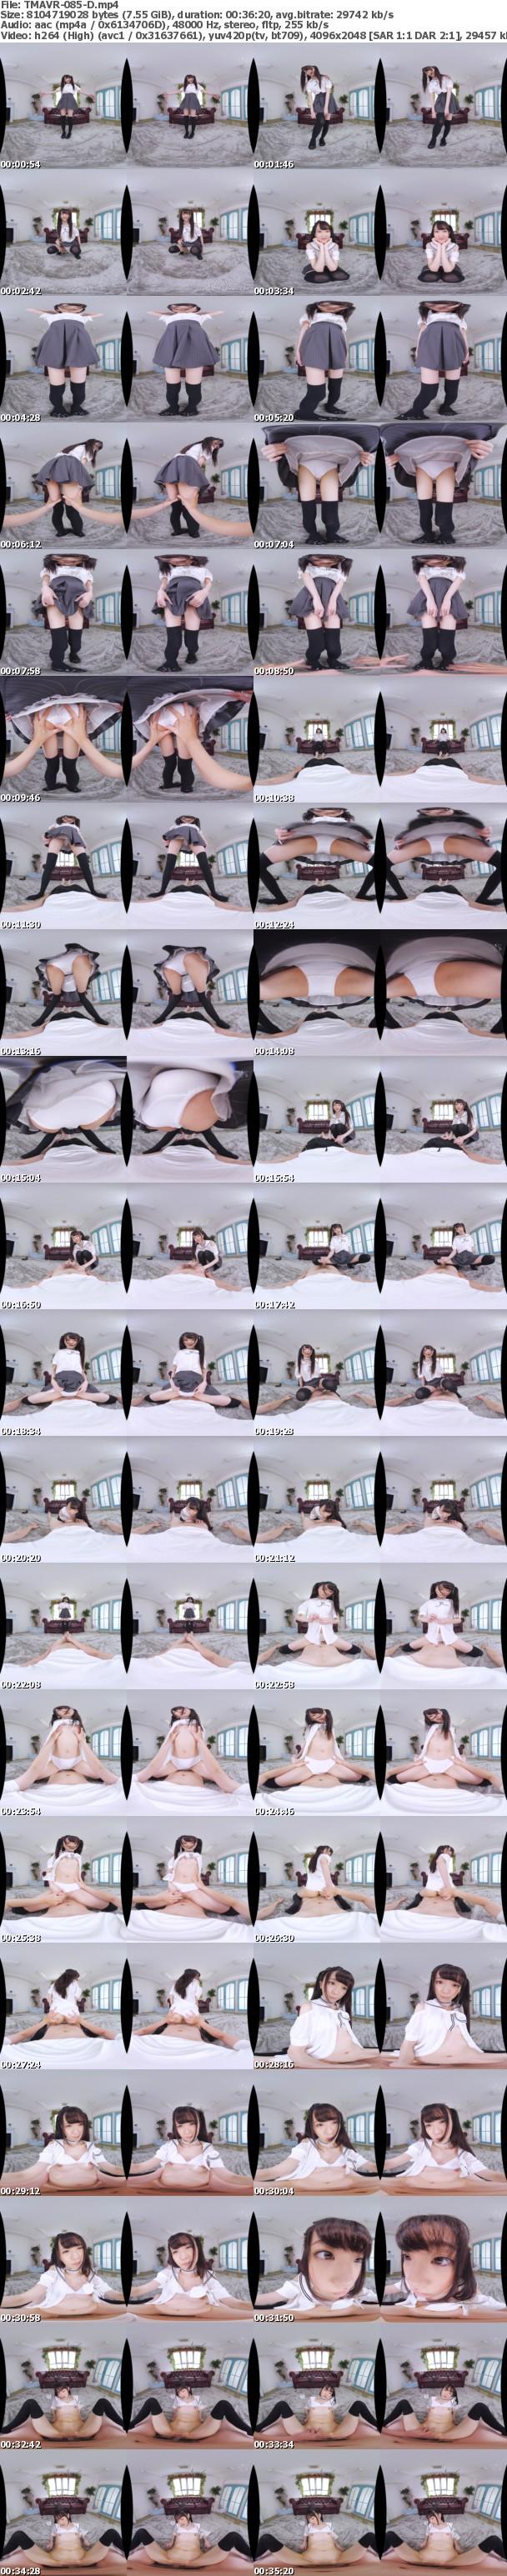 (VR) TMAVR-085 ツインテールニーハイソックスパンチラ誘惑美少女中出し性交